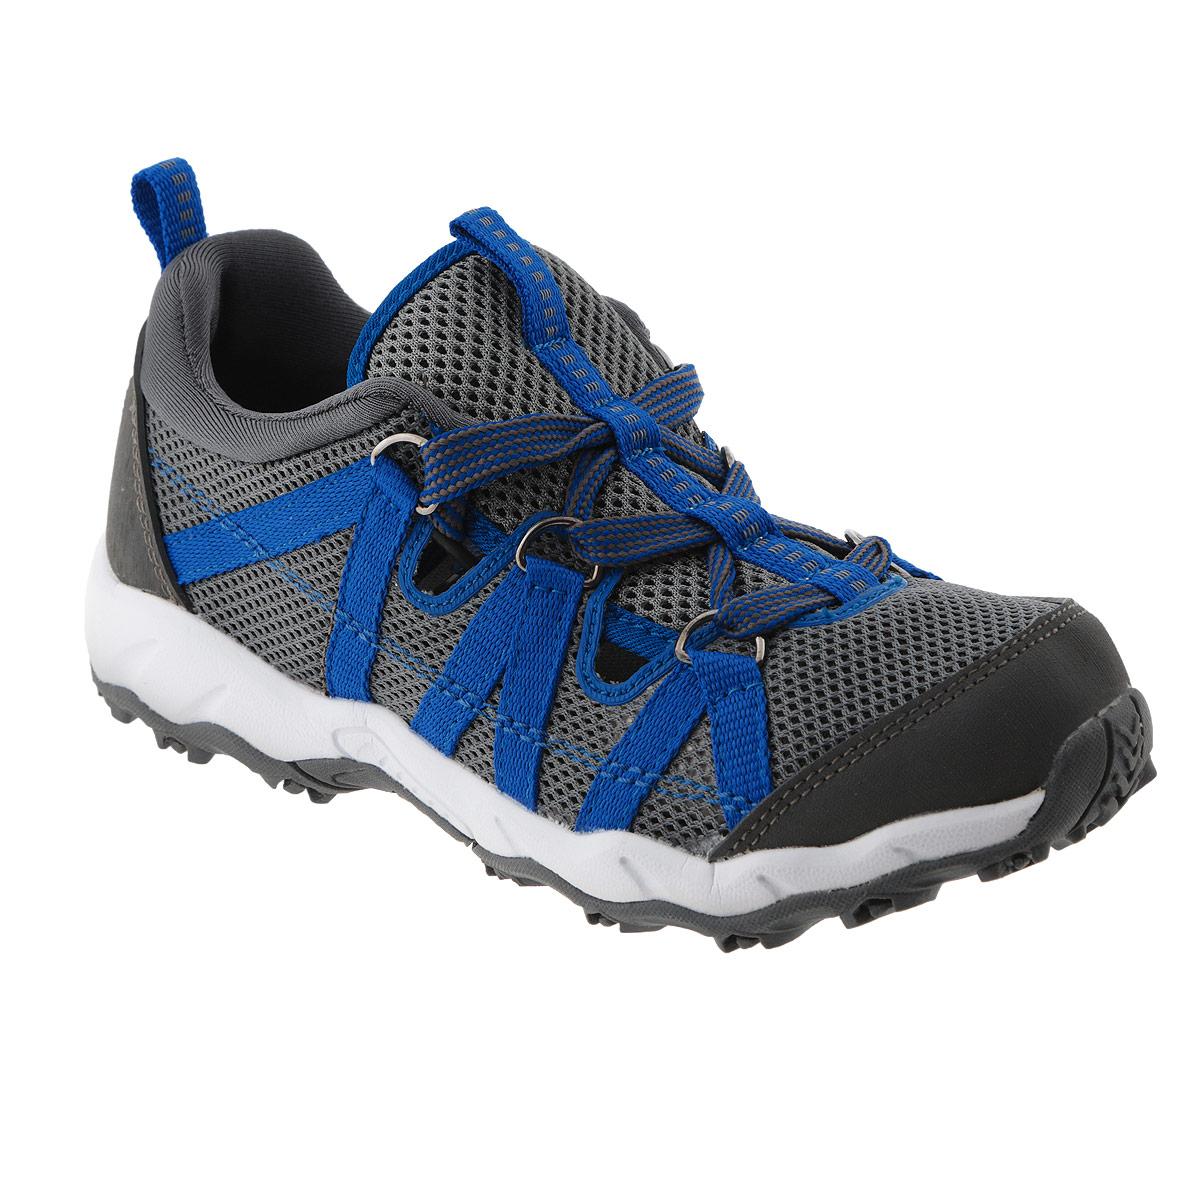 569213-9670BСтильные детские кроссовки Hieta от Reima прекрасно подойдут для активного отдыха на открытом воздухе. Модель выполнена из полиэстера и декорирована вставками из резины, логотипом бренда на заднике. Сетчатая поверхность верха обеспечивает отличную вентиляцию, позволяет ногам ребенка дышать. Резиновый каркас носка защищает детскую стопу от ударов. Удобная шнуровка, пропущенная через металлические кольца, надежно фиксирует модель на ноге. Задник оснащен ярлычком, который выполняет функцию ложки для обуви. Мягкая стелька из EVA-материала с текстильной поверхностью гарантирует максимальный комфорт при ходьбе. Термопластичная резиновая подошва - с противоскользящим рифлением. Удобные кроссовки придутся по душе вам и вашему ребенку! К кроссовкам прилагается текстильный мешок для машинной стирки.